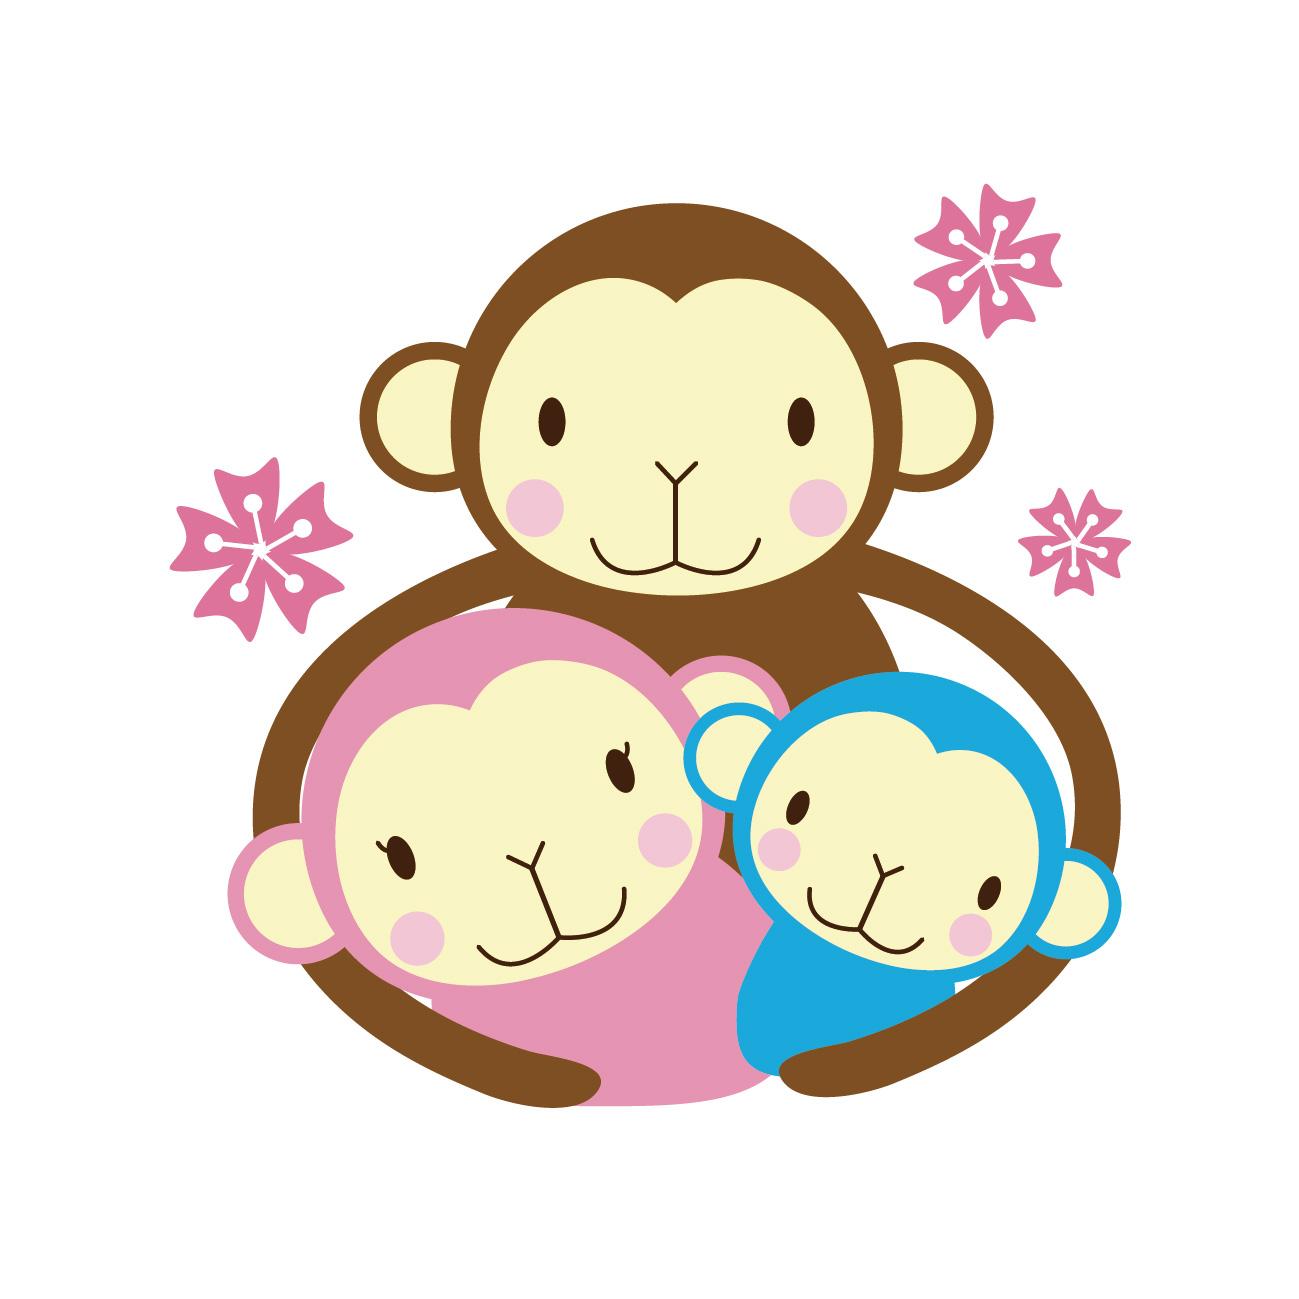 年賀状イラスト2016!著作権には注意!おすすめ無料サイト紹介! | 四季の